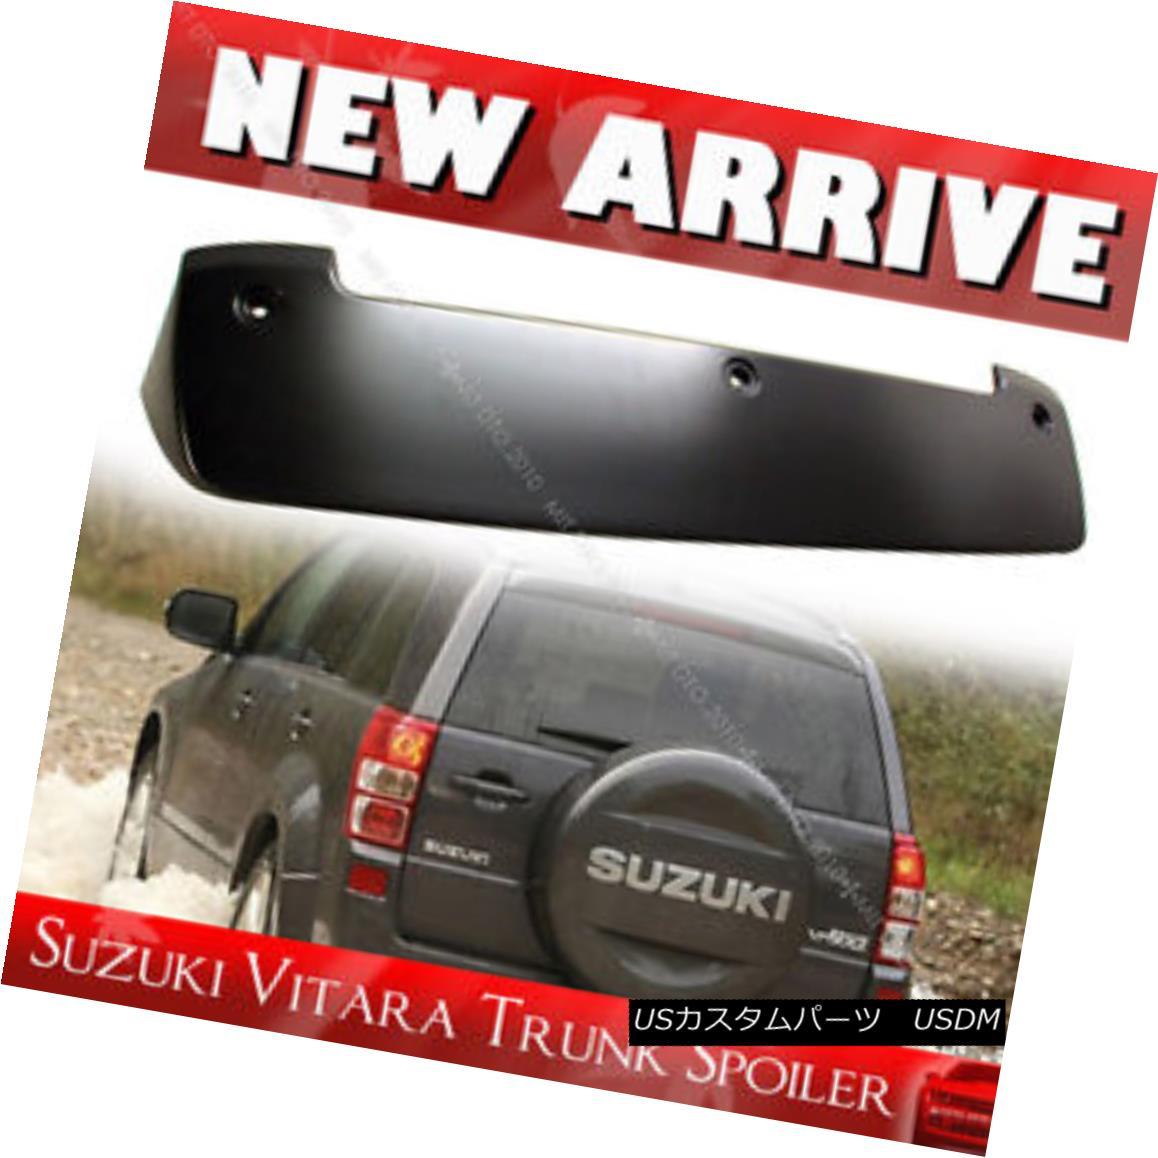 エアロパーツ For Suzuki Grand Vitara 3rd SUV Unpaint ABS Roof Spoiler Wing 2014 GLS スズキグランヴィタラ用第3 SUVアンペイントABSルーフスポイラーウイング2014 GLS